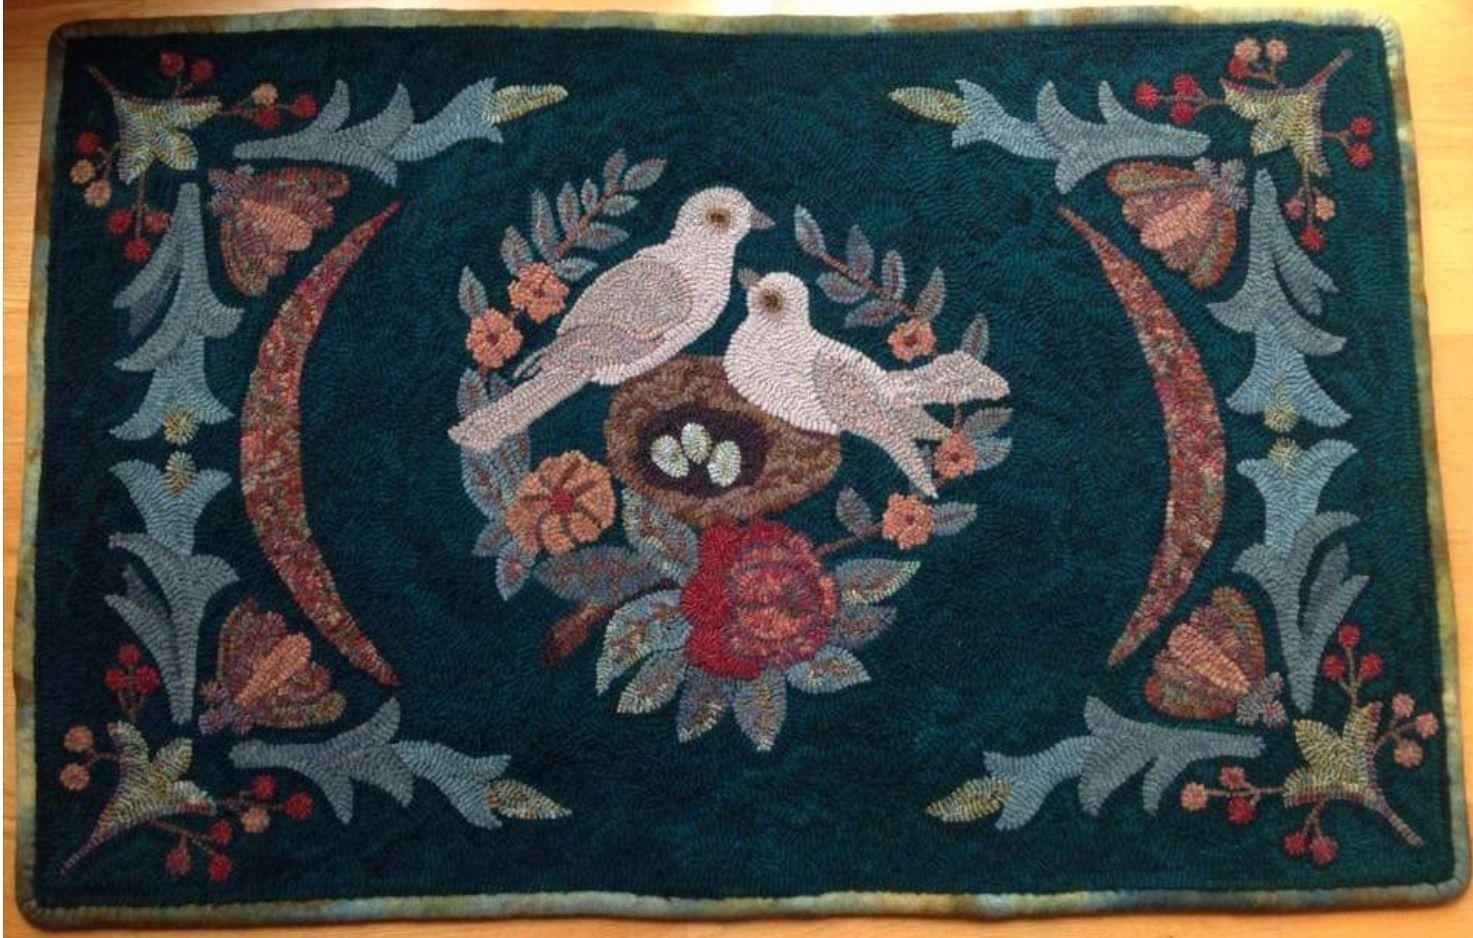 Hooked rug Rug hooking, Rugs, Birds